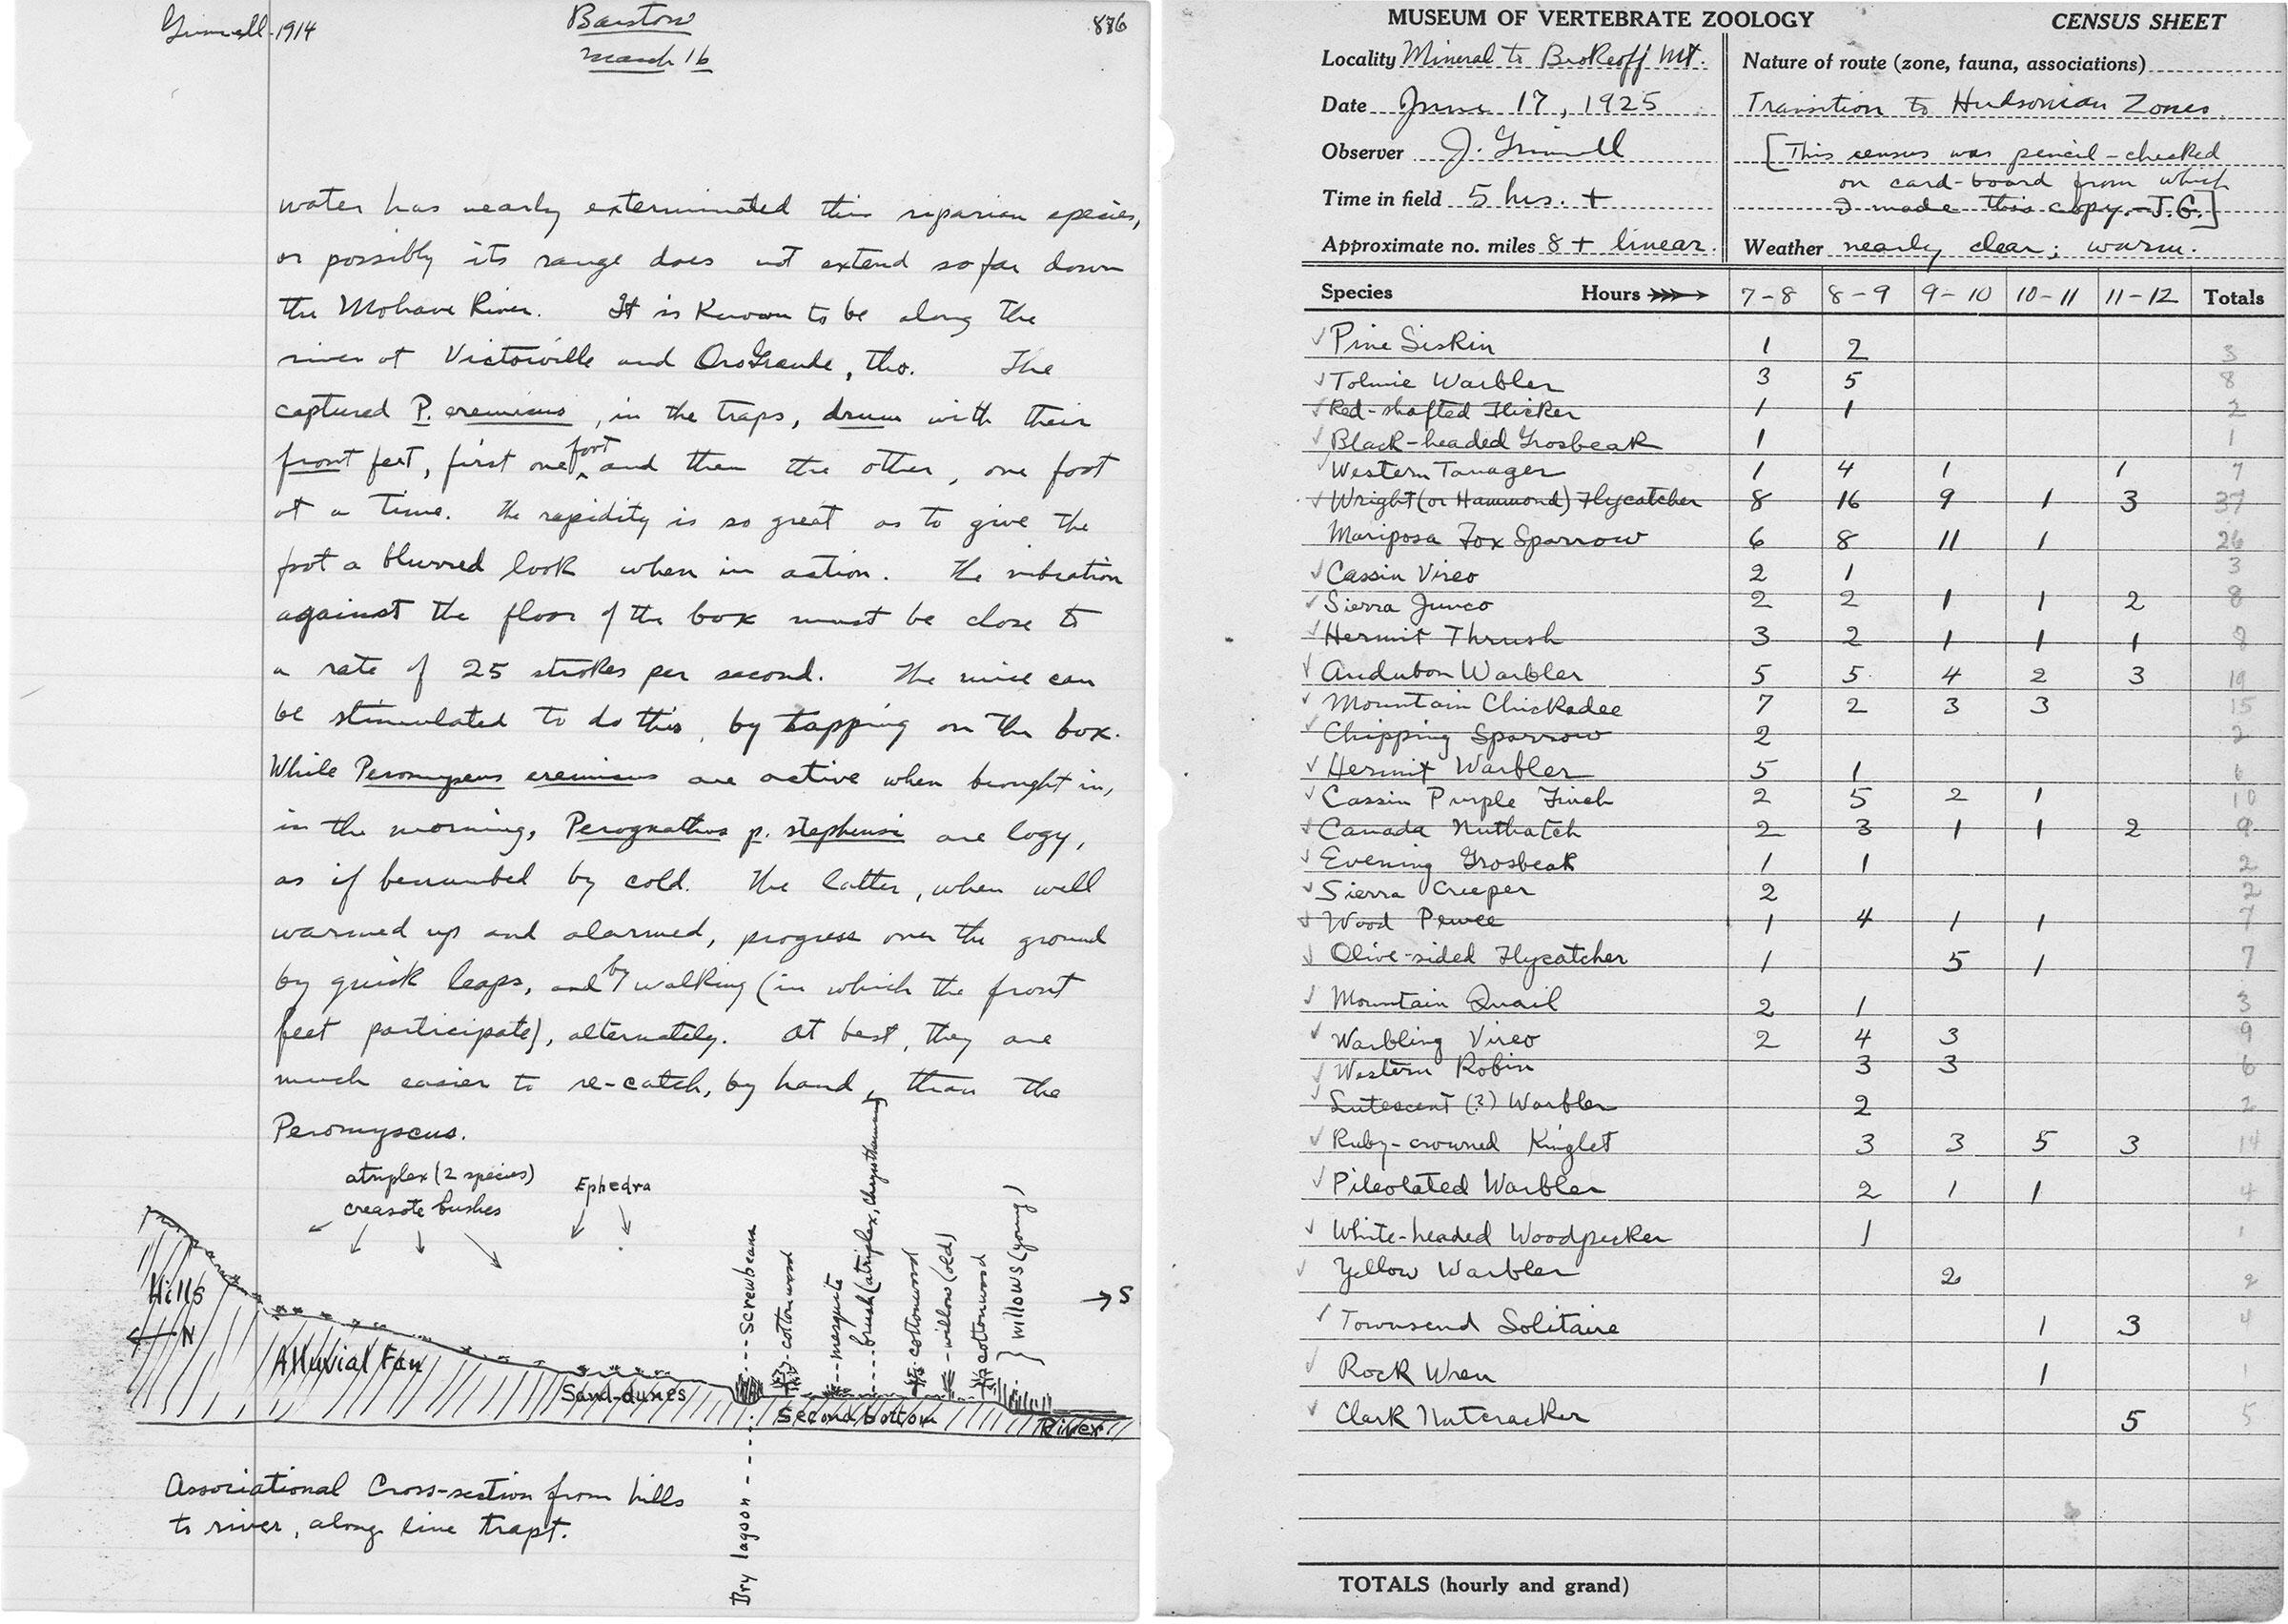 Escaneos: Cortesía de los Archivos del Museo de Zoología de Vertebrados, Universidad de California Berkeley